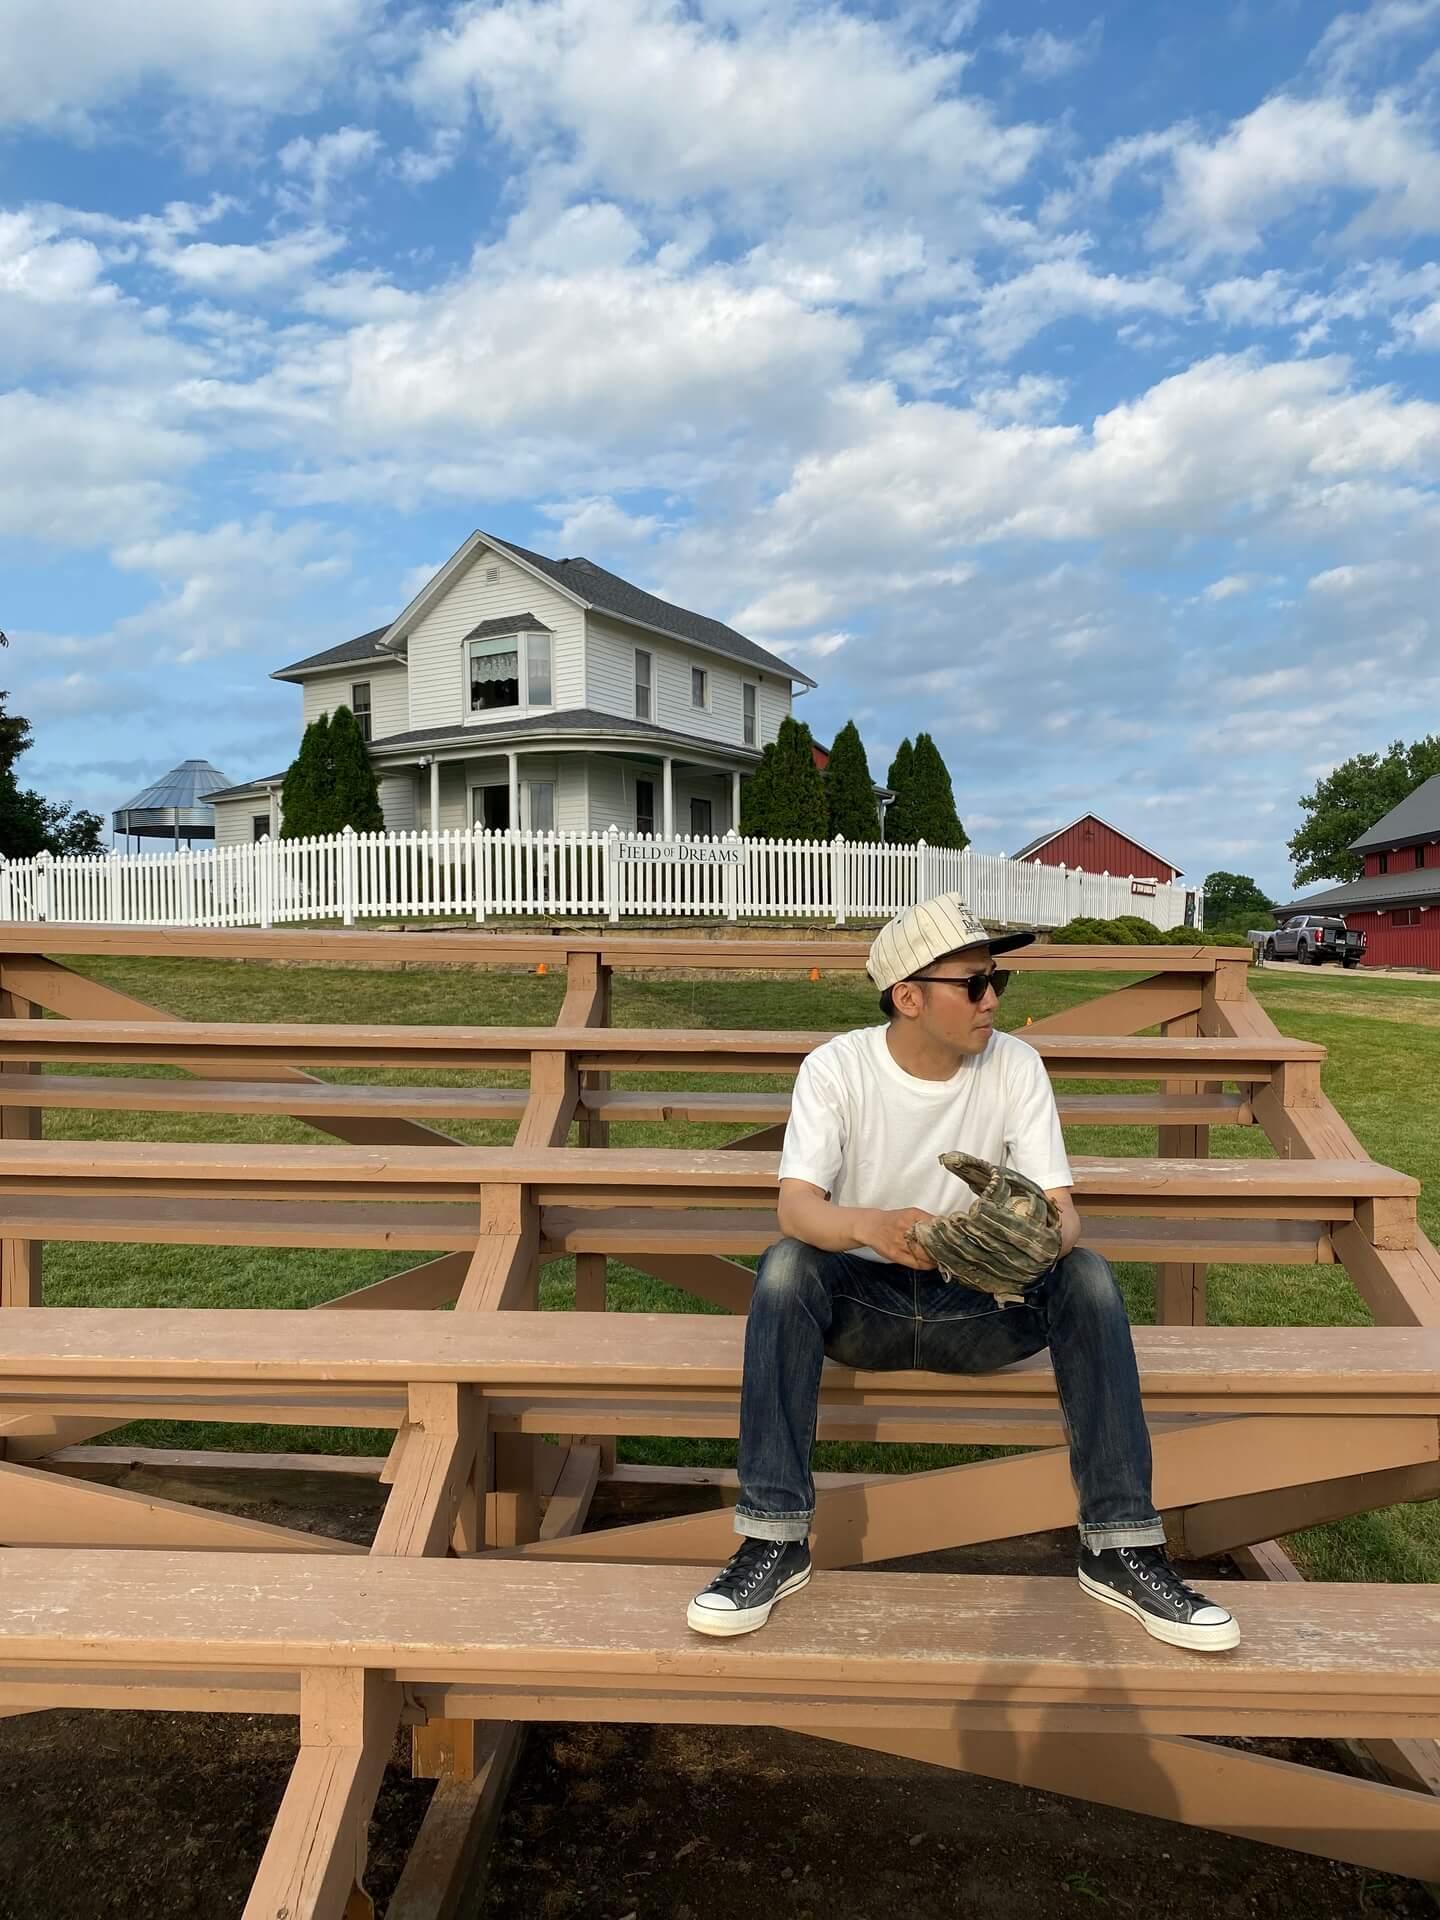 ピース綾部祐二の聖地巡礼を追いかける!90年代あの名作映画のロケ地をめぐる旅 interview-yujiayabe-5